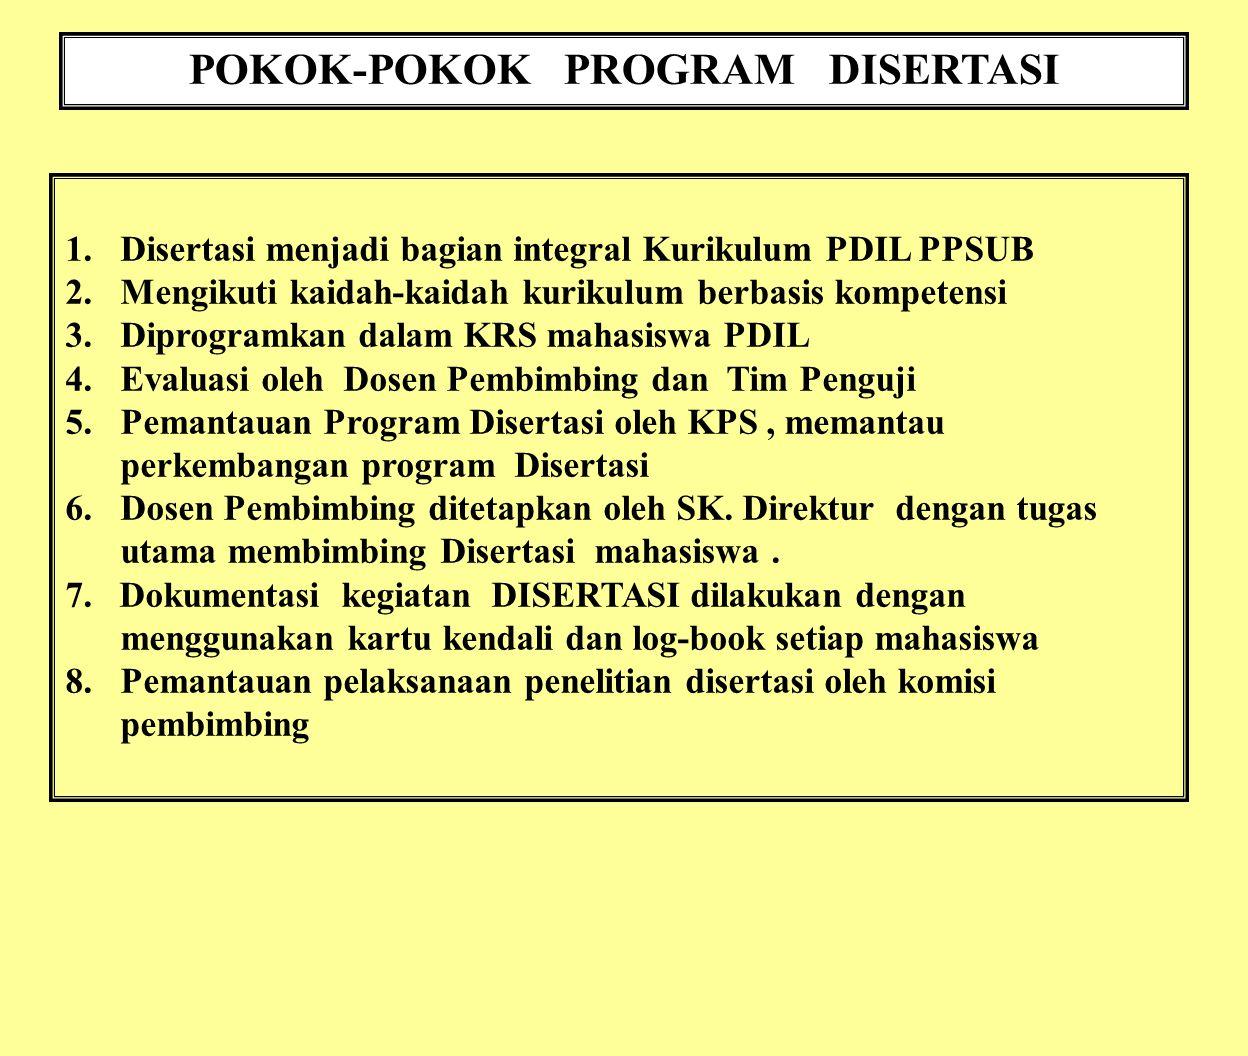 POKOK-POKOK PROGRAM DISERTASI 1. Disertasi menjadi bagian integral Kurikulum PDIL PPSUB 2. Mengikuti kaidah-kaidah kurikulum berbasis kompetensi 3. Di